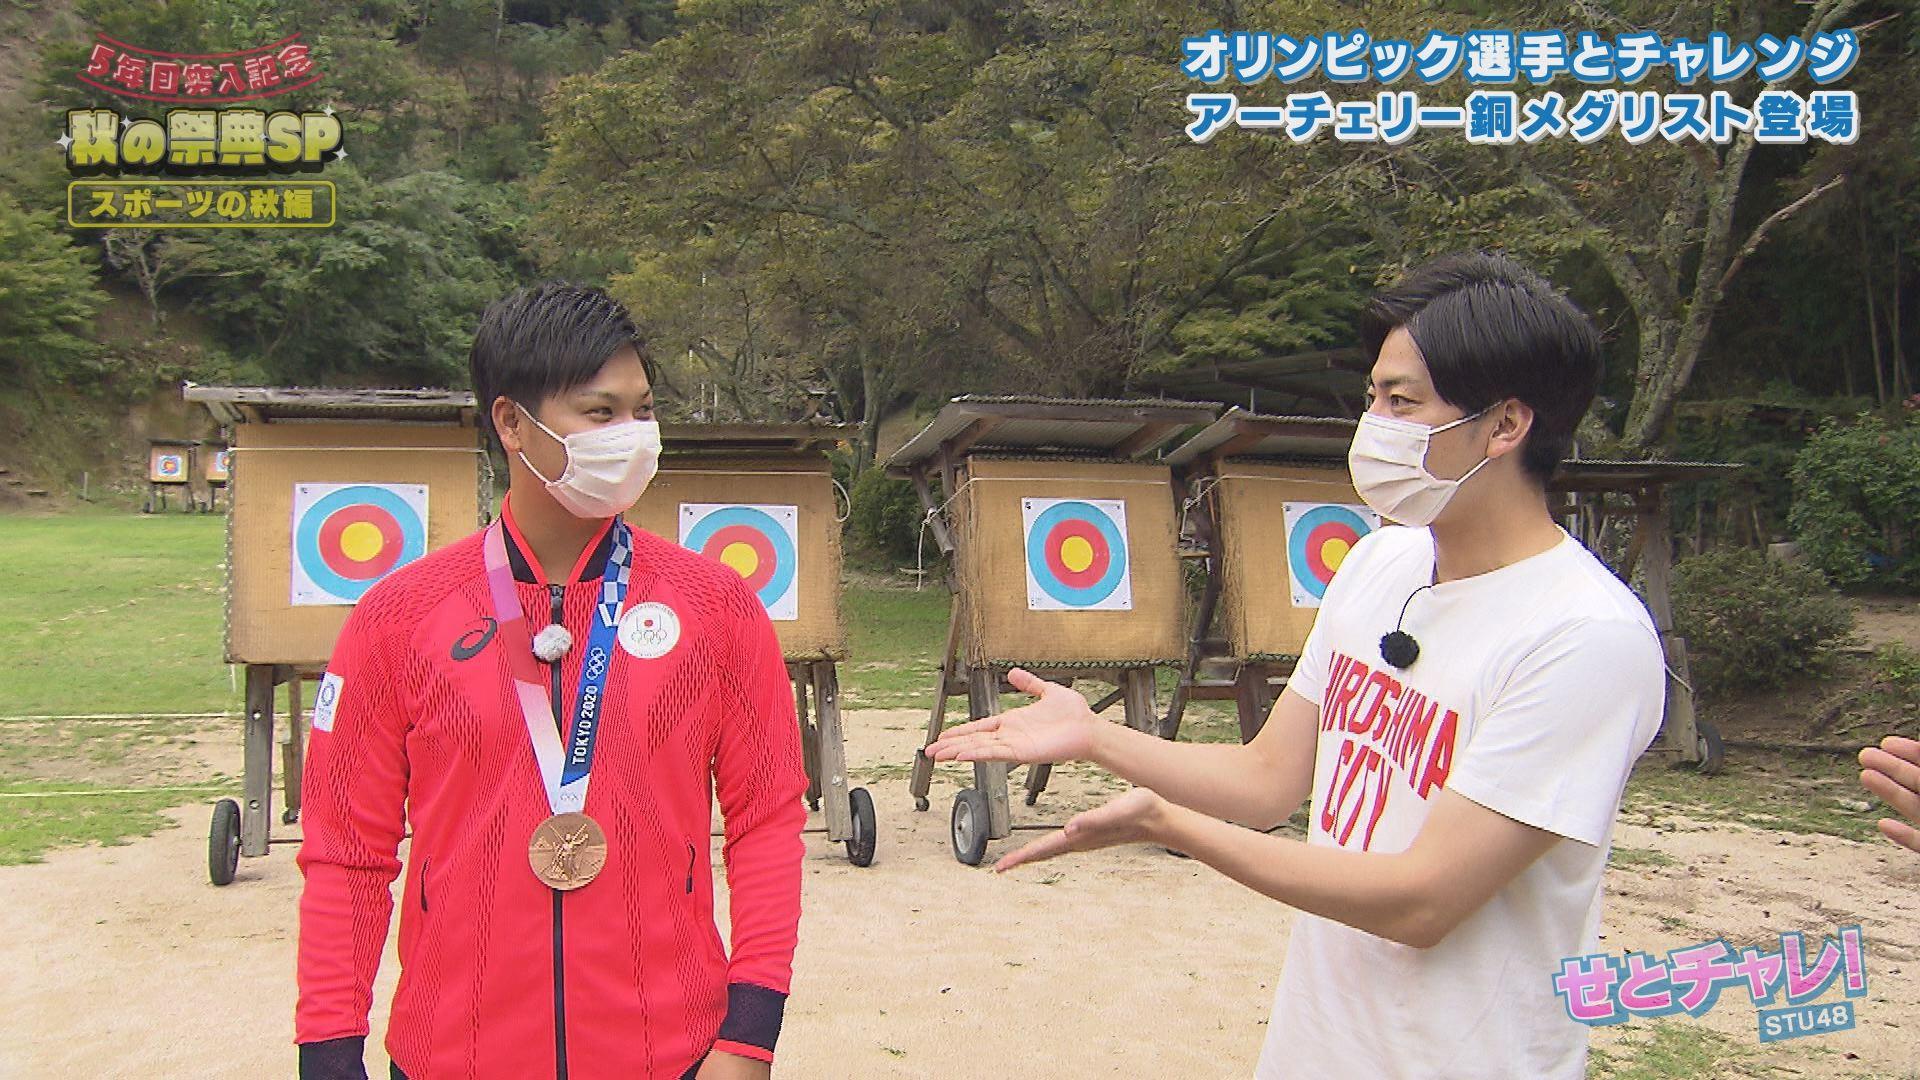 東京オリンピック・アーチェリー男子団体の河田悠希選手が登場